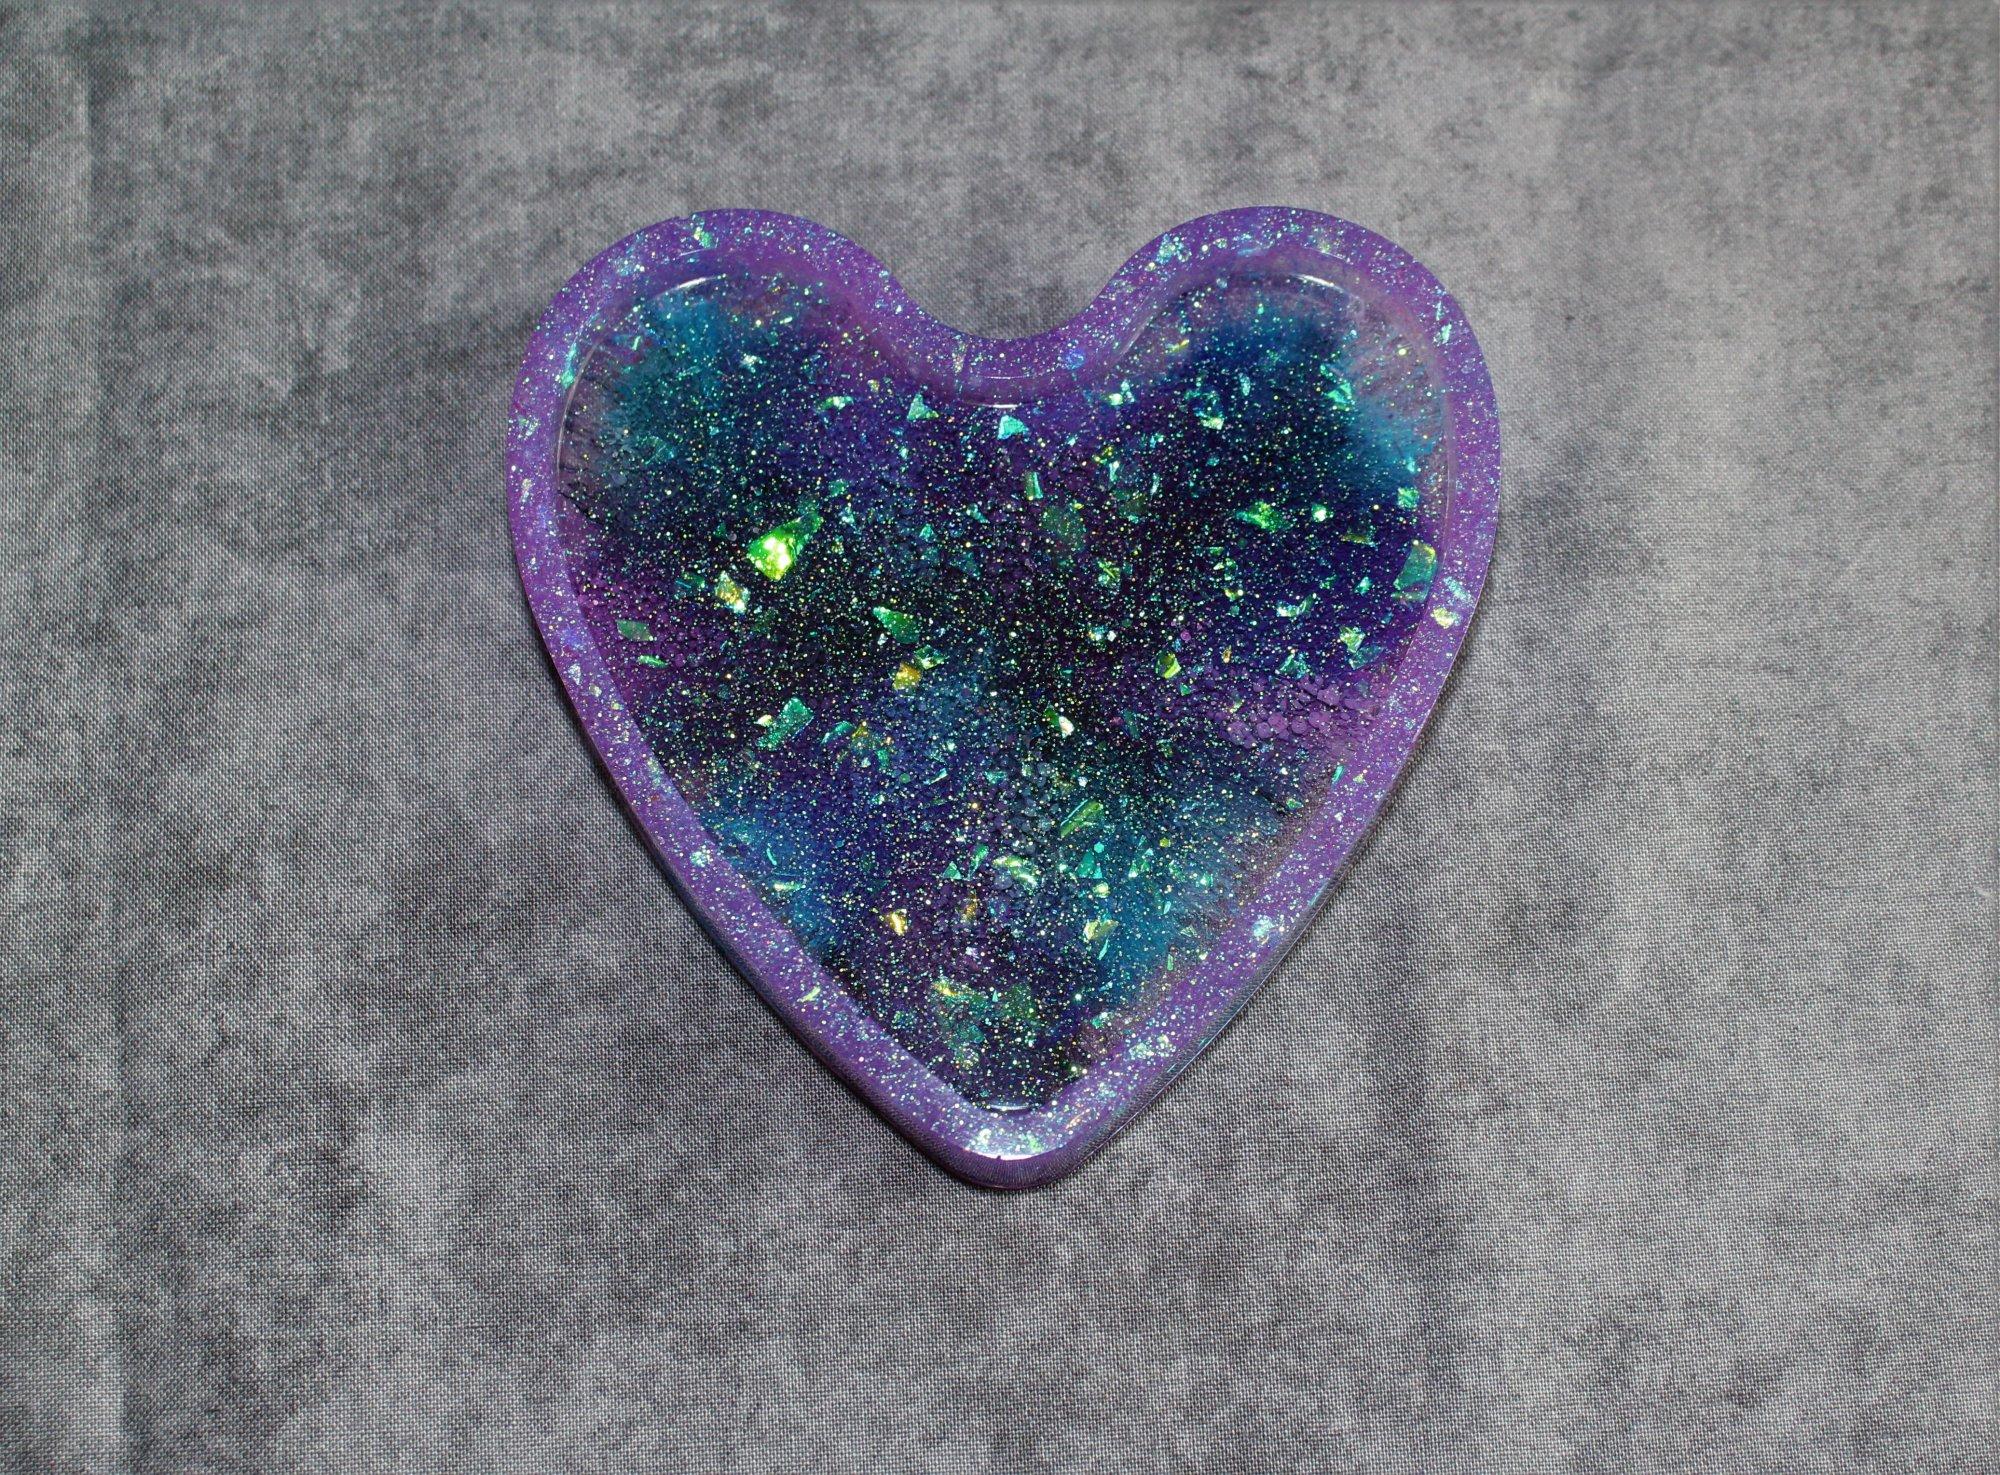 Heart Shaped Resin Galaxy Coaster